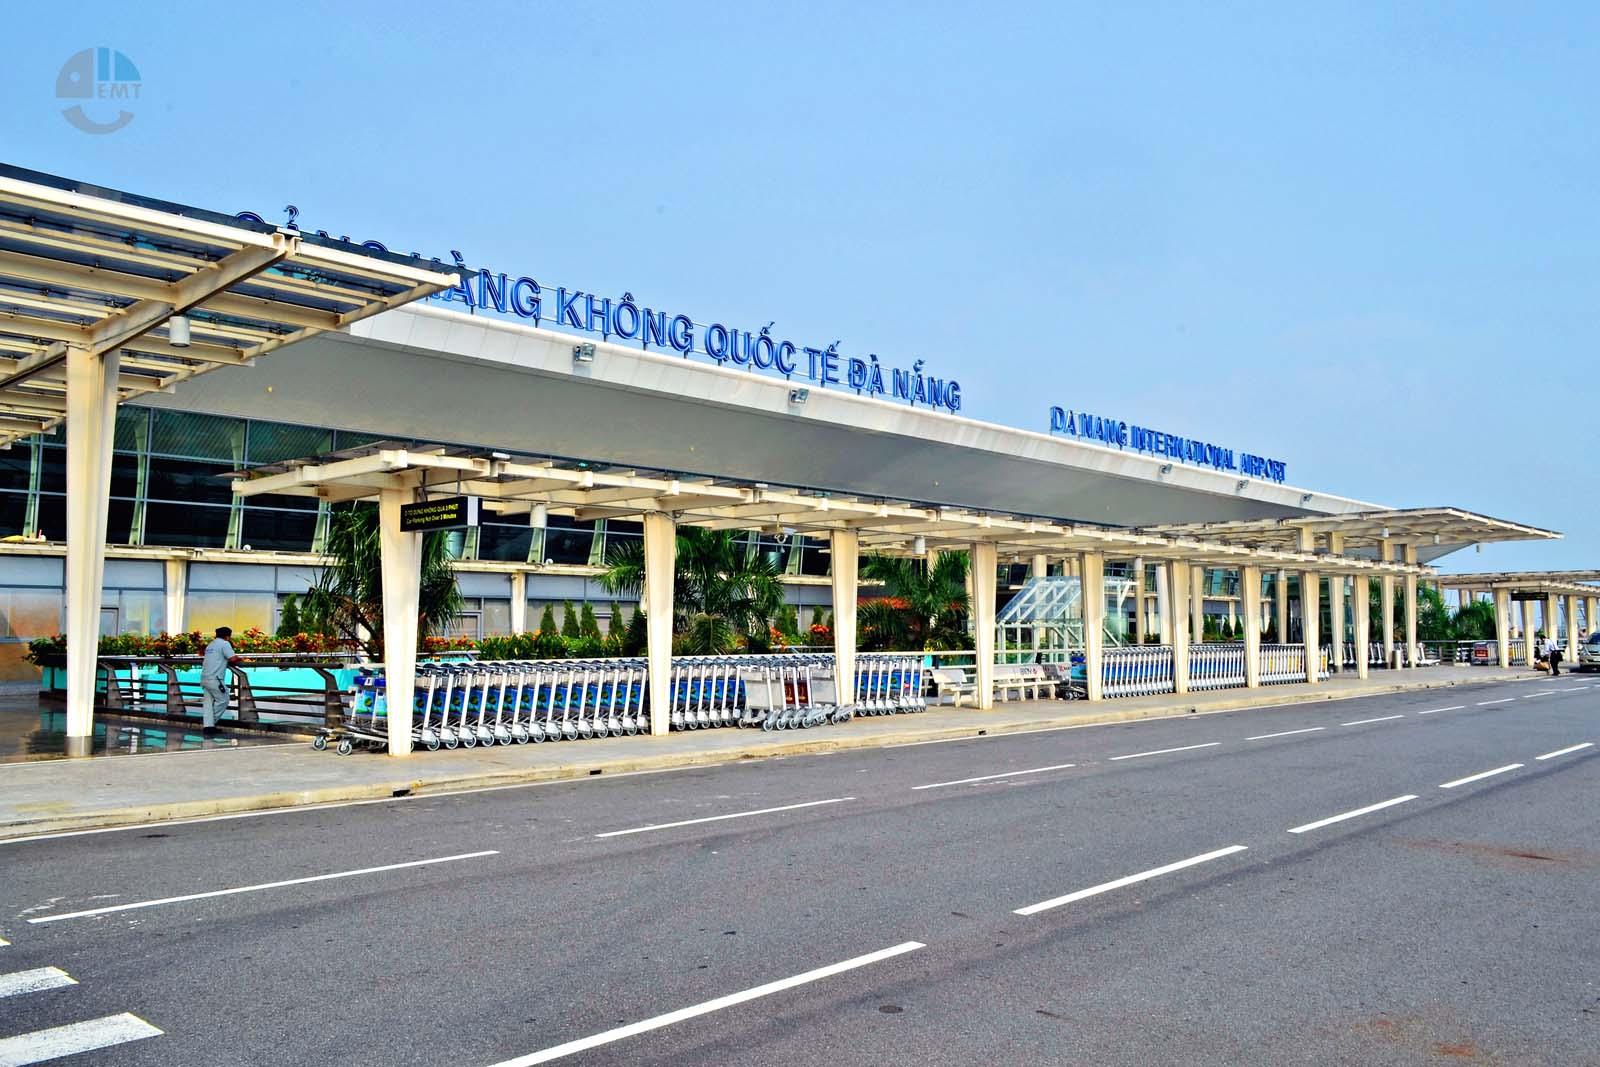 Từ Huế đi sân bay Đà Nẵng bao nhiêu km